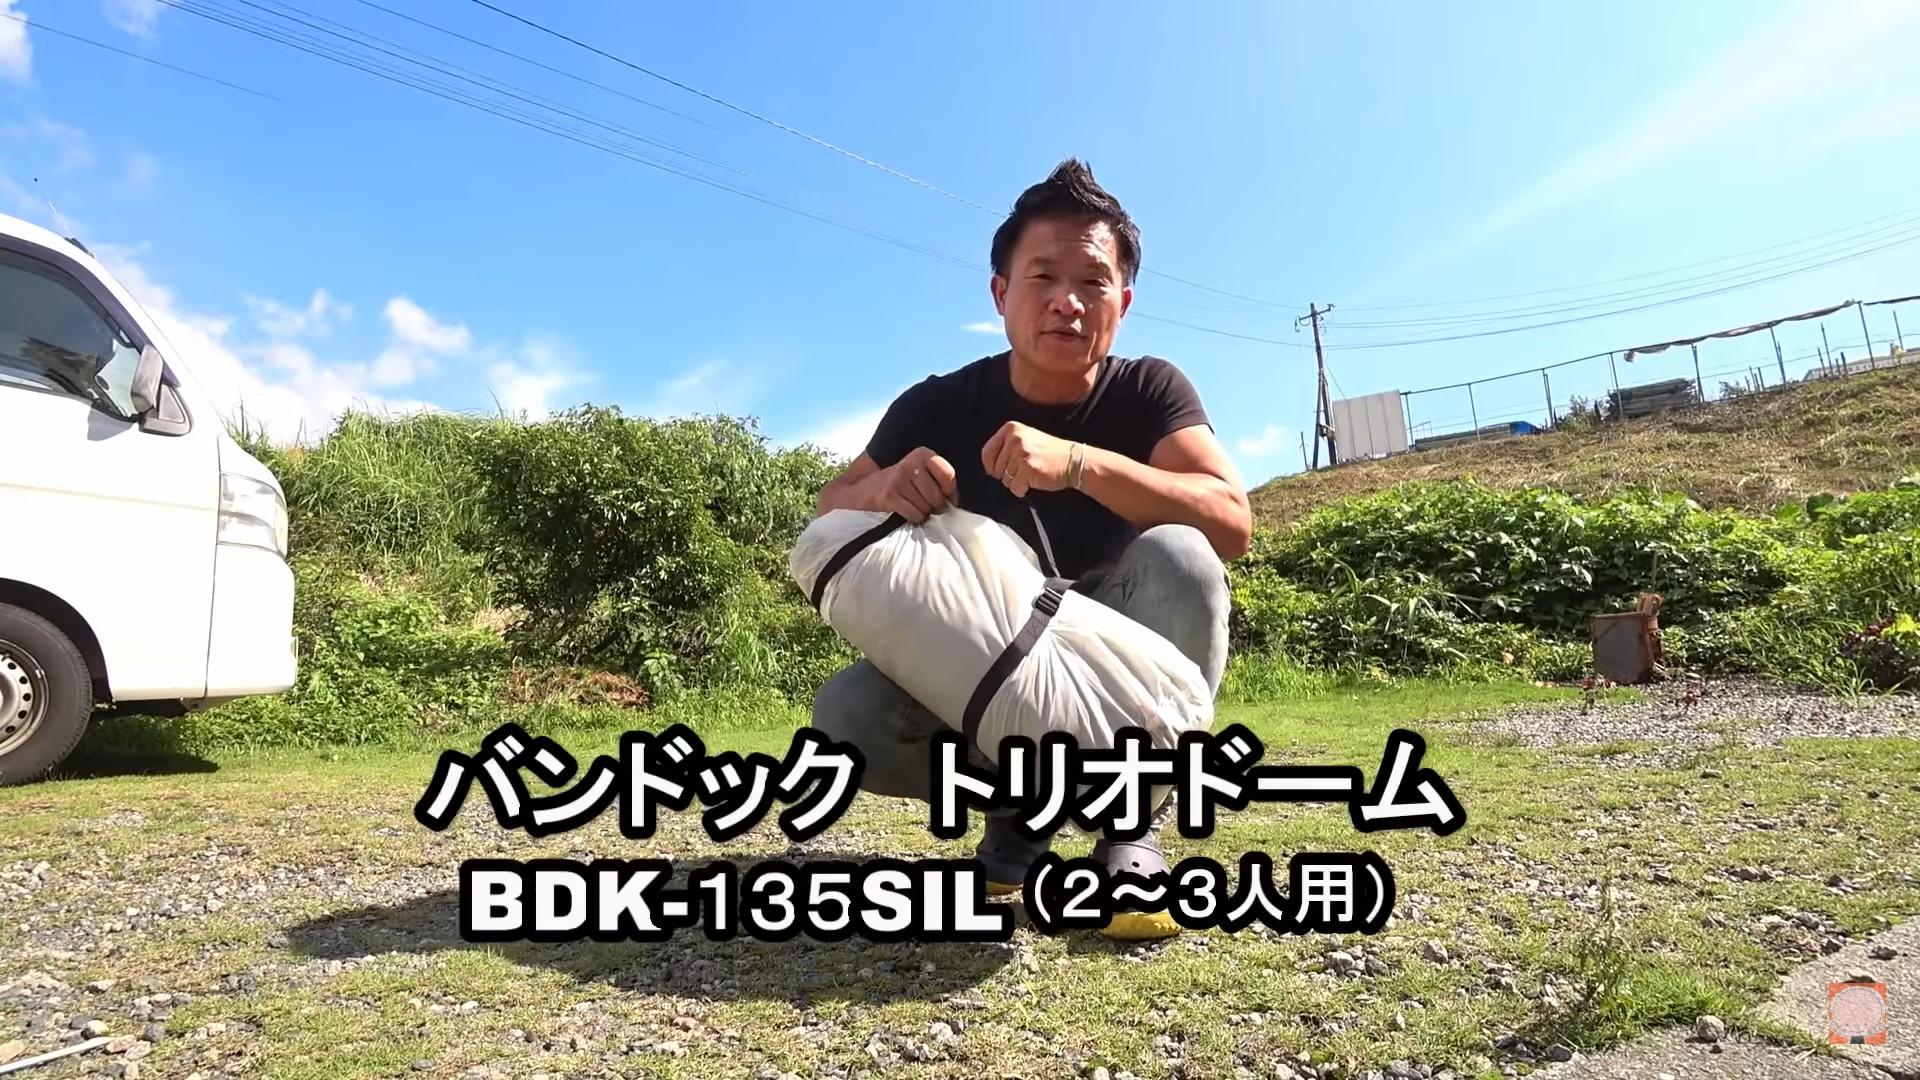 テント:【BUNDOK(バンドック)】トリオドーム